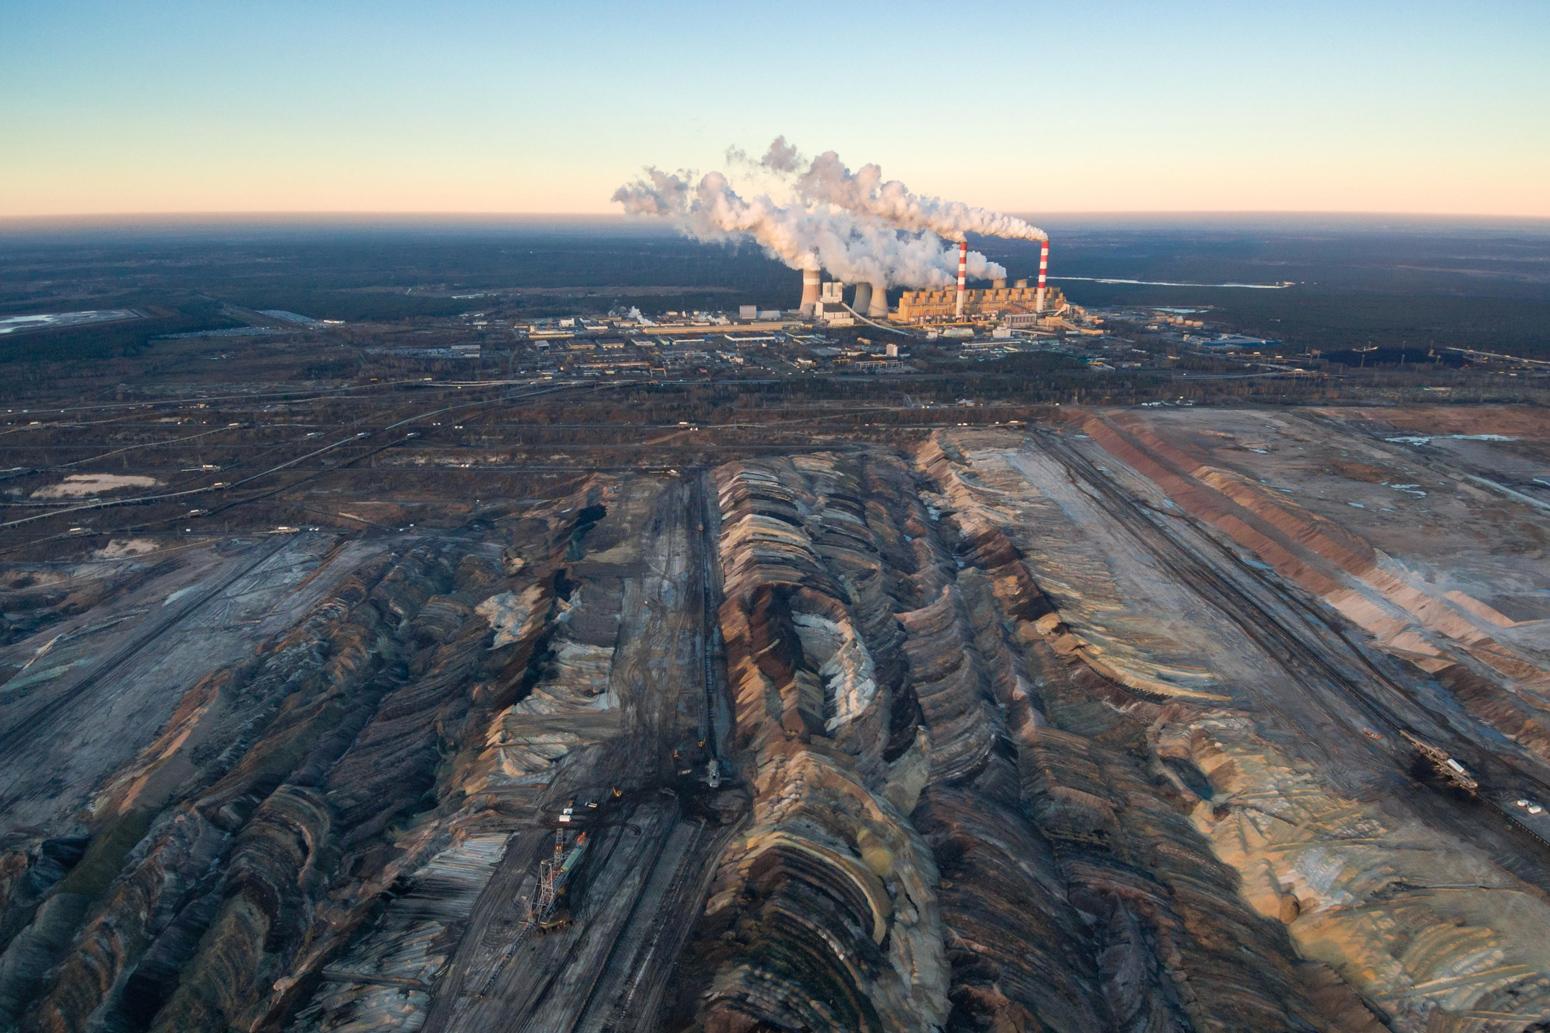 Aerial view of open-cast coal mine Belchatow, Poland. Credit: Łukasz Szczepanski / Alamy Stock Photo